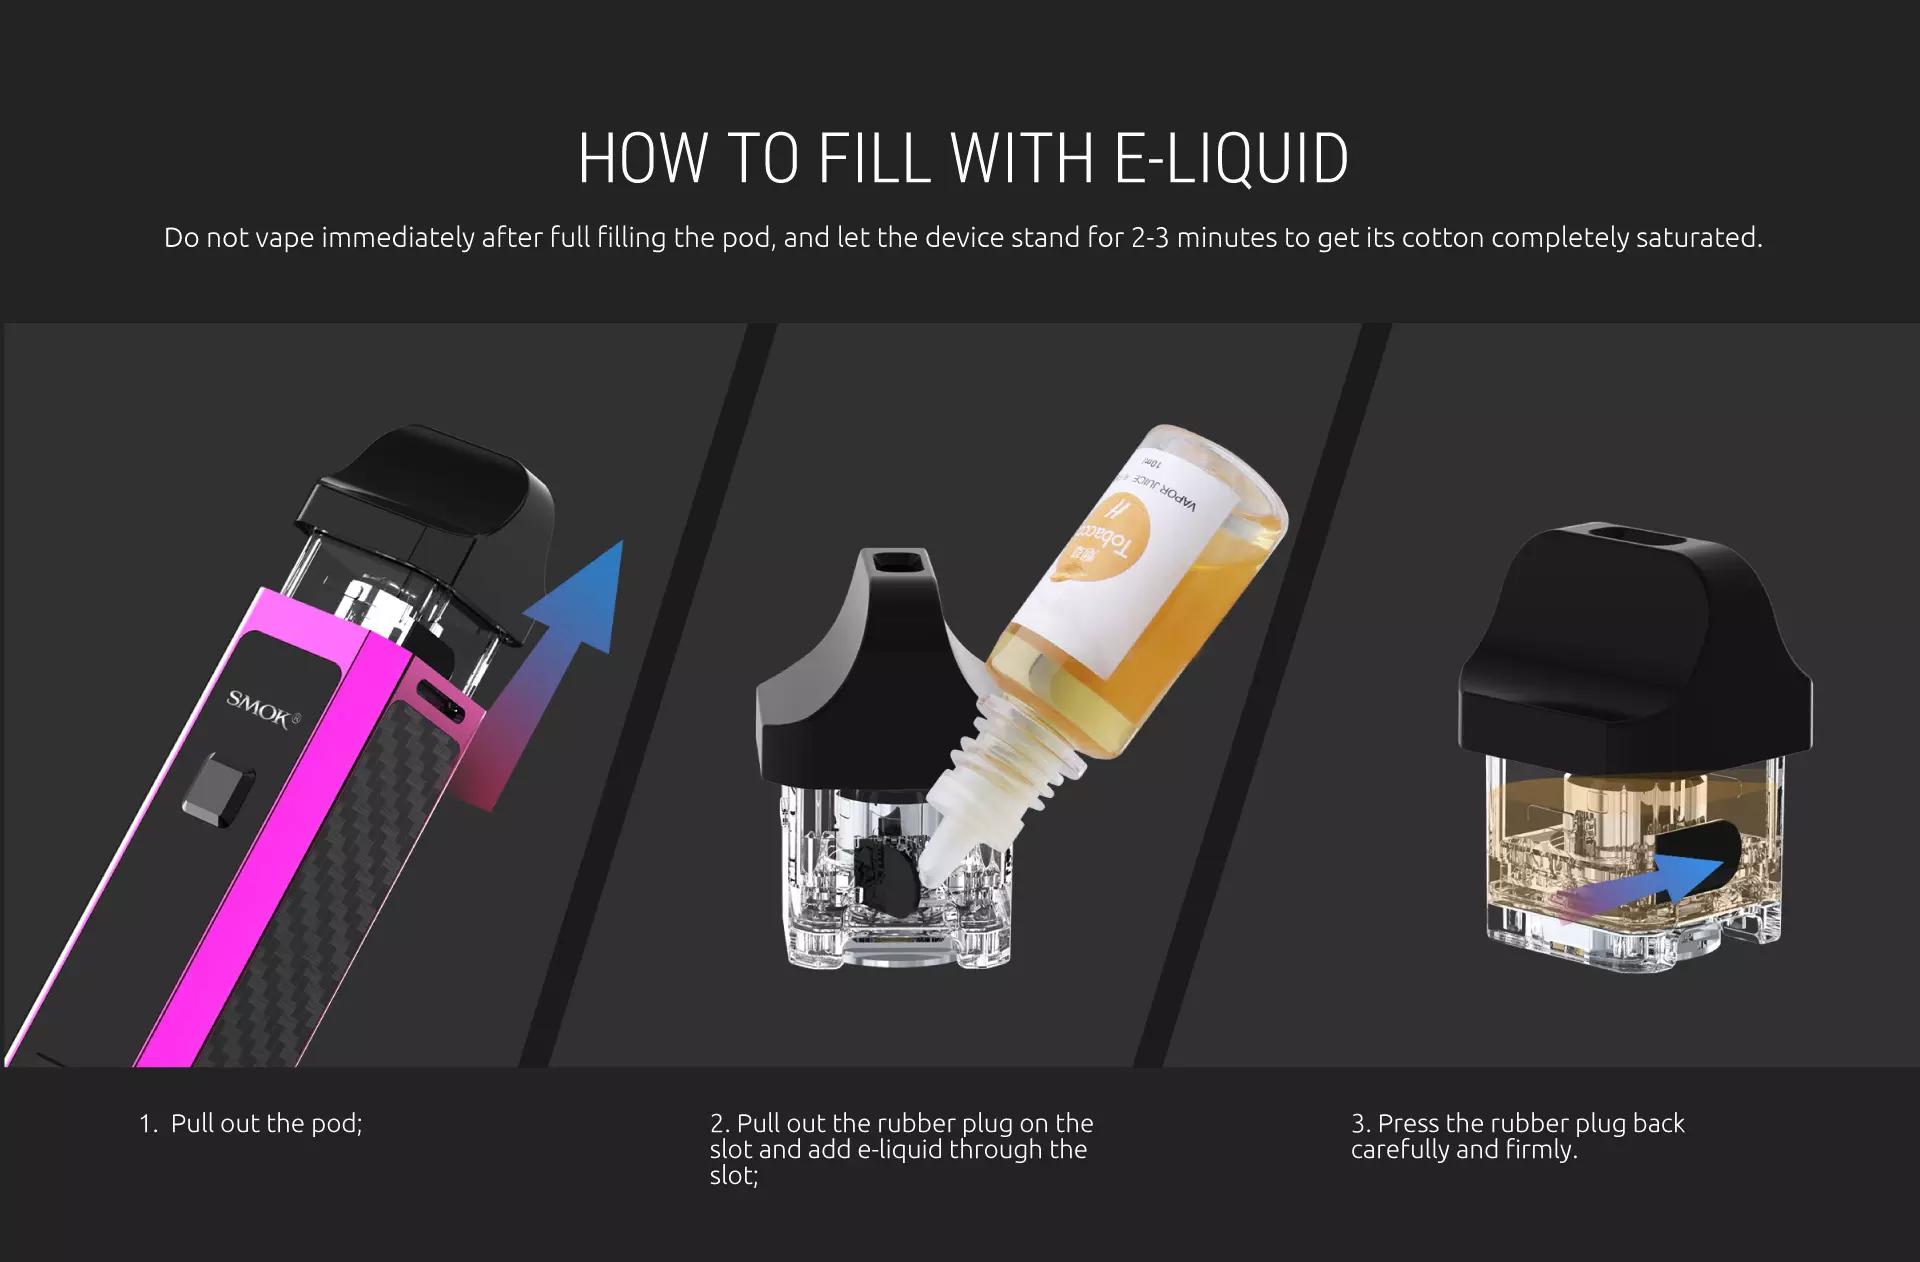 SMOK RPM40 E-Liquid Filling Infographic